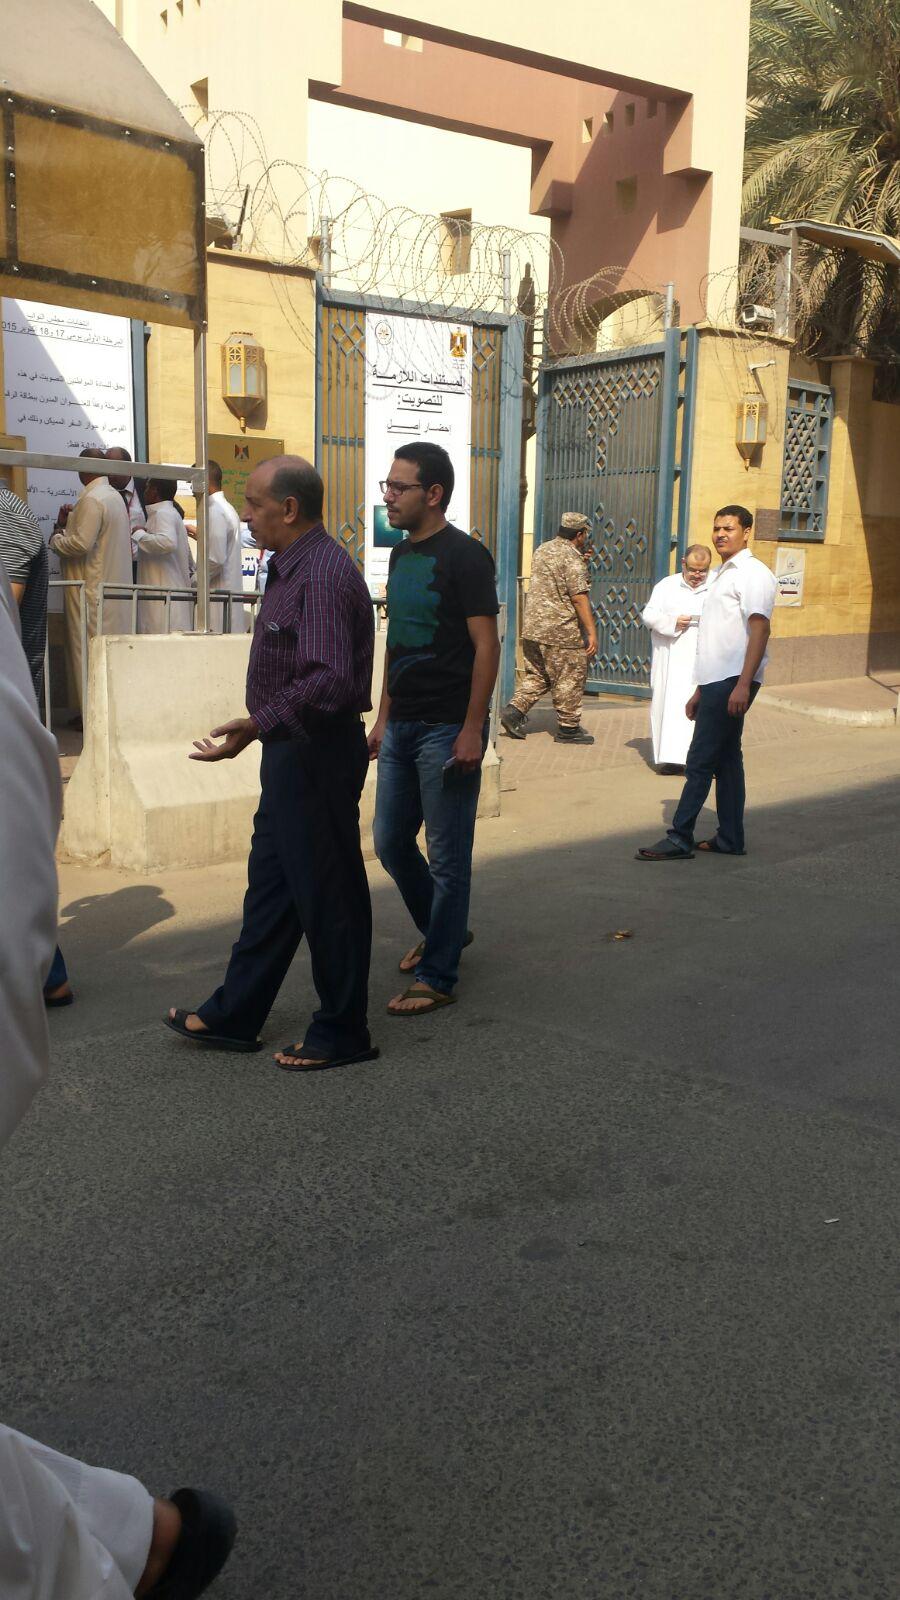 بالصور.. أولى ساعات تصويت المصريين بالخارج في الانتخابات بقنصيلة مصر بالسعودية